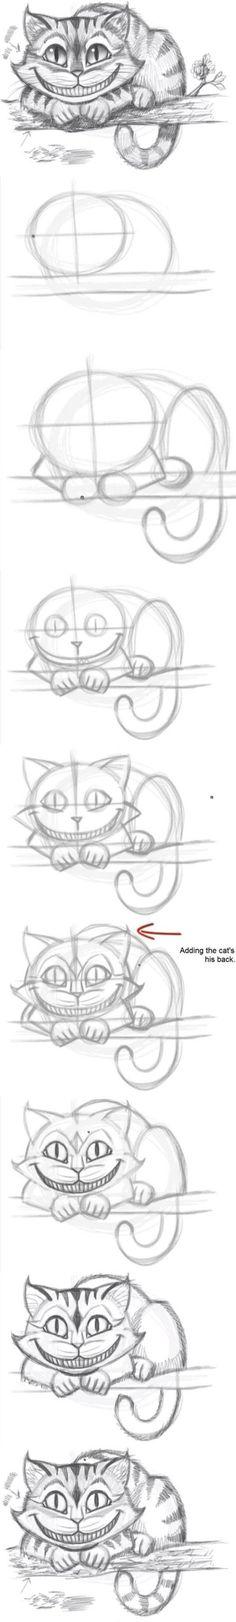 Desenhando um gato